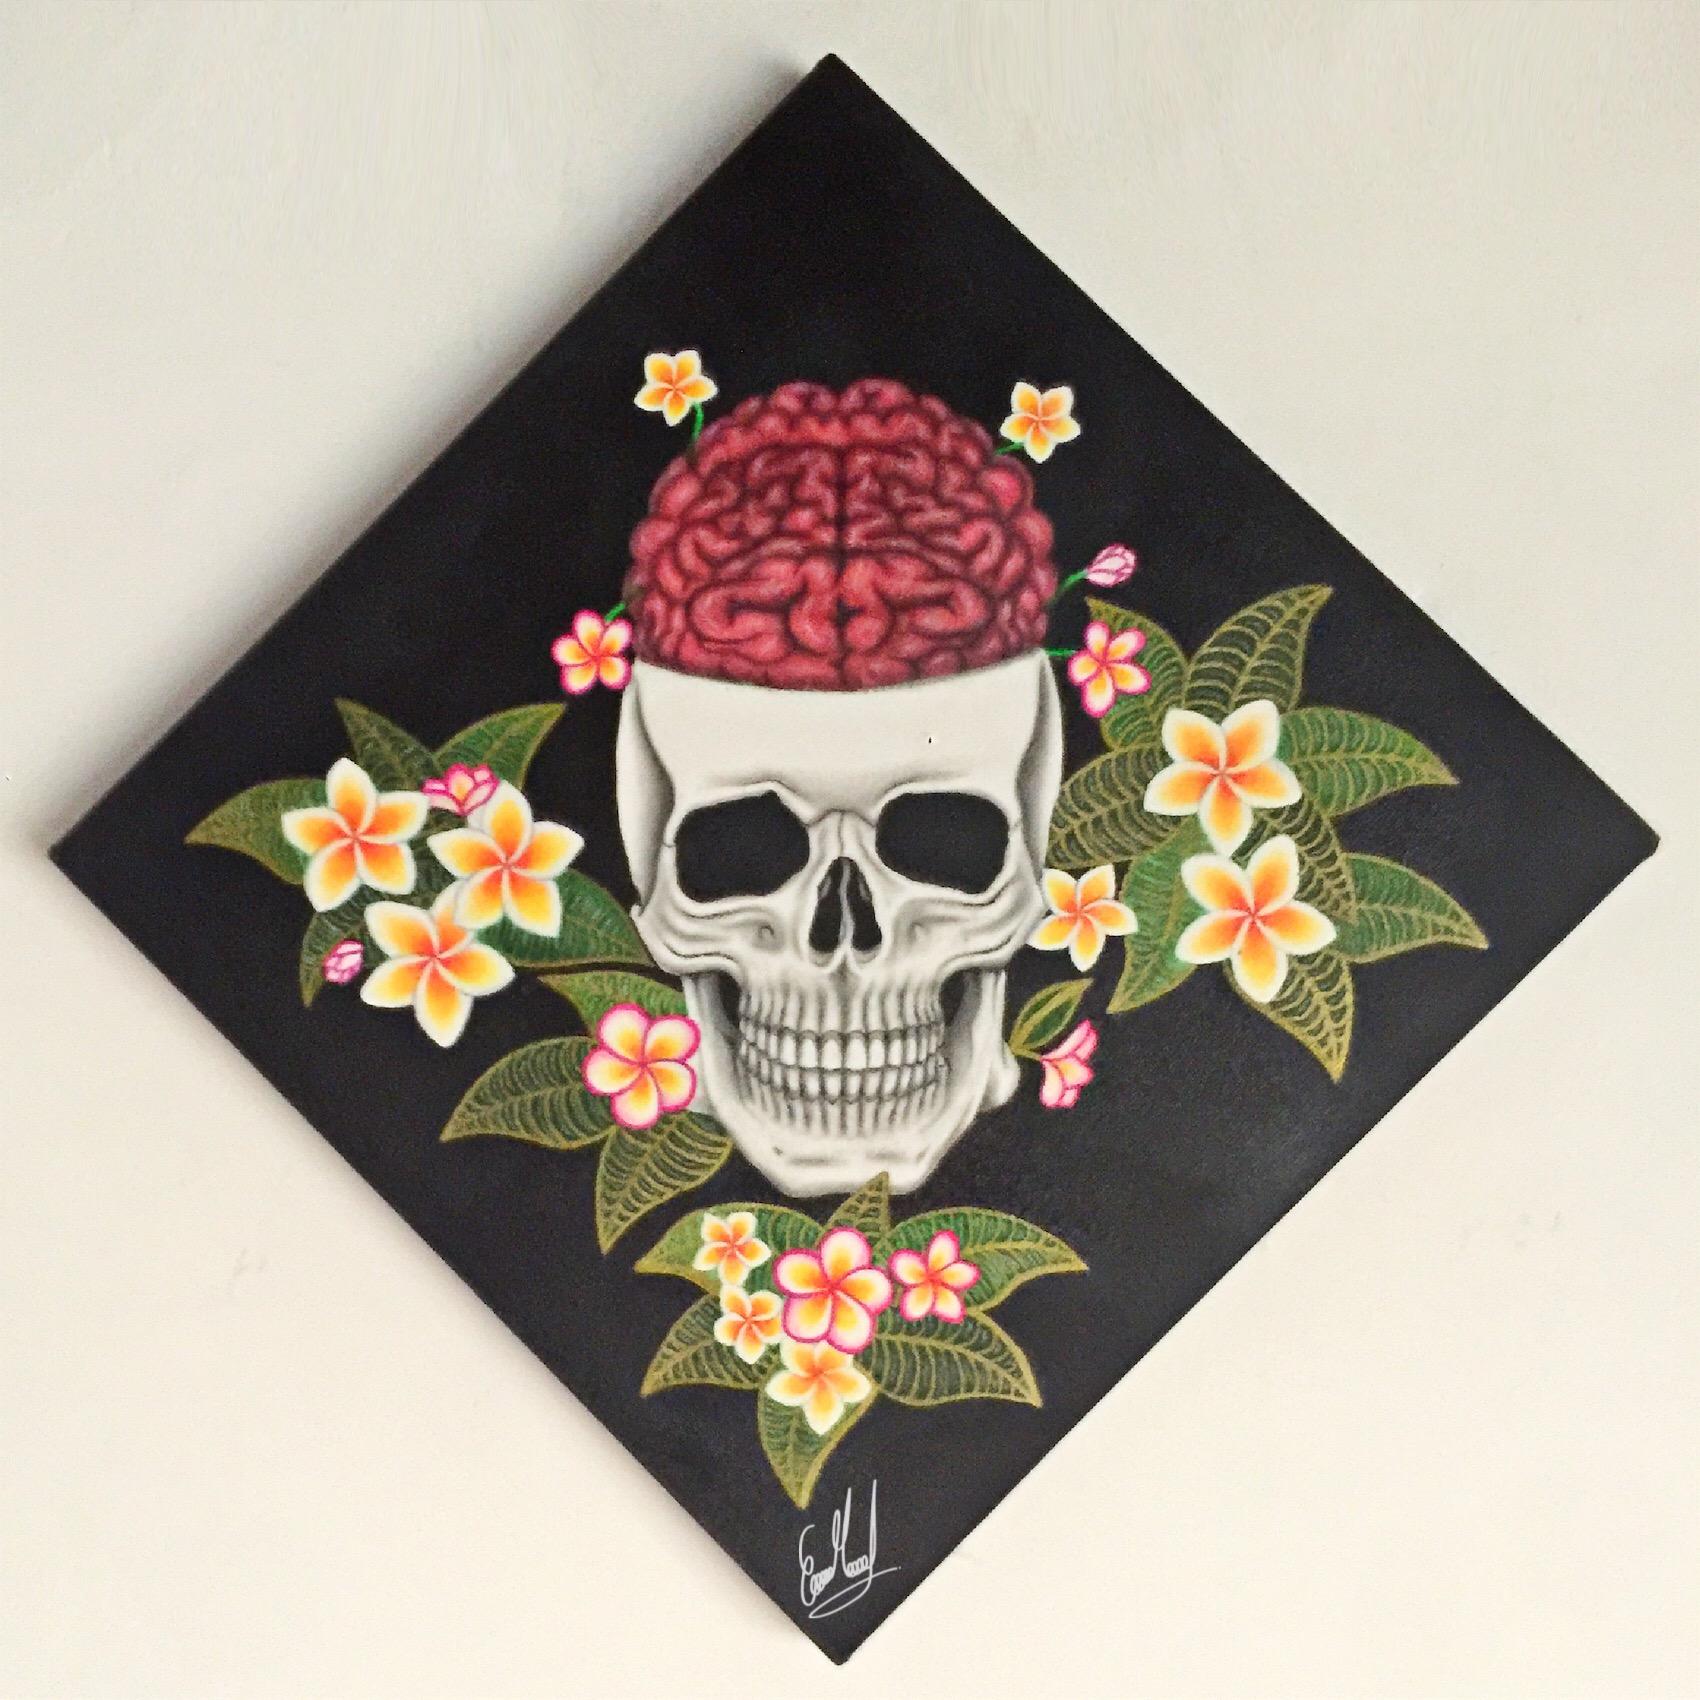 Deja a tu mente florecer (2019) - Erika Marcela Cocuñame Ricardo - Emarcela